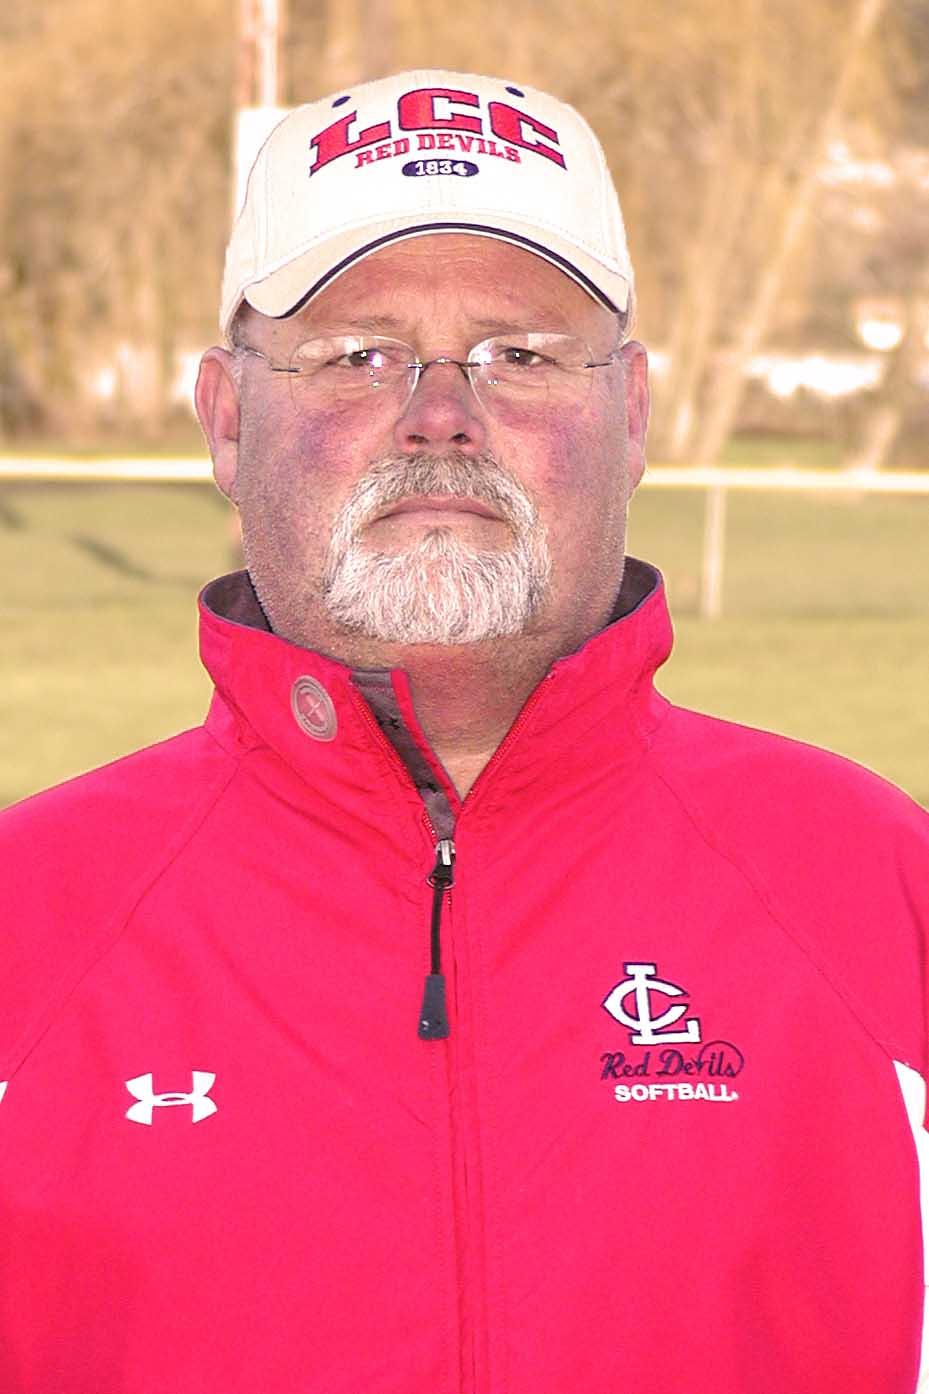 image of Tim Mackin